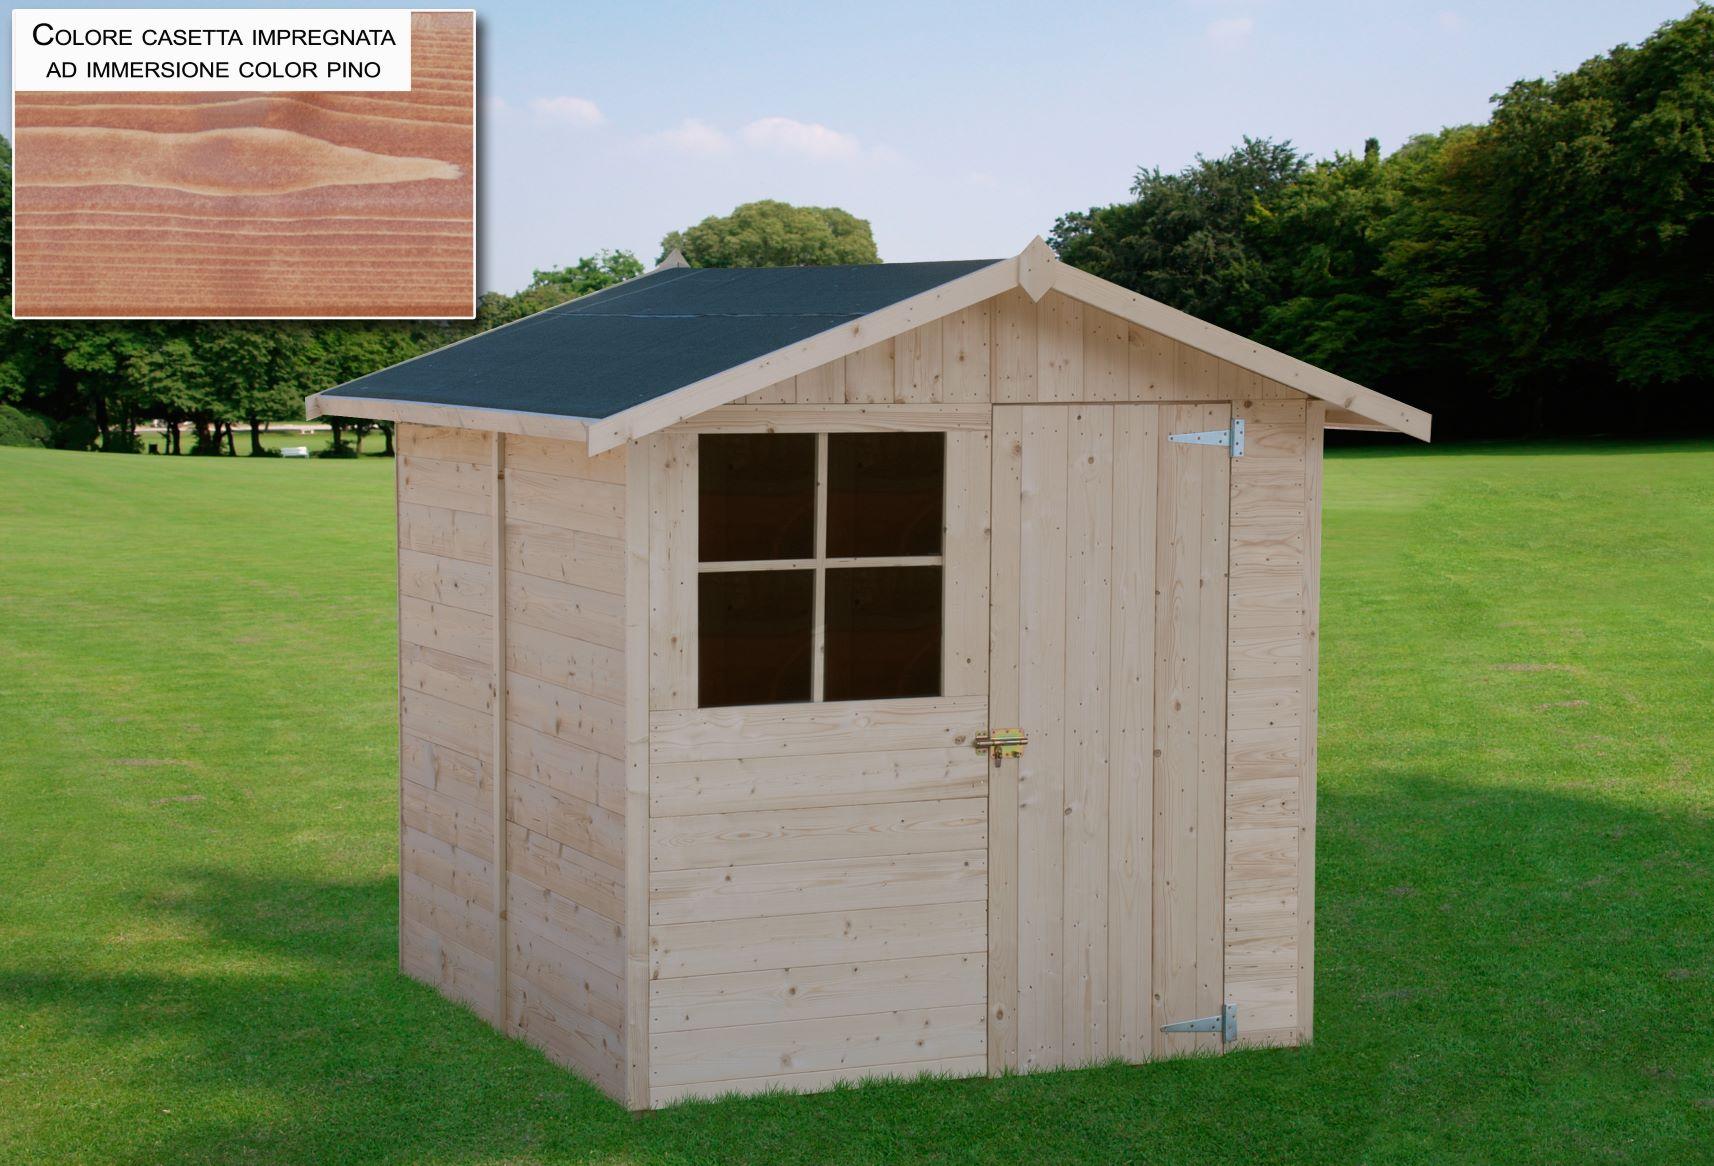 Casette Da Giardino Brico : Casette da giardino porta attrezzi e box auto prefabbricati brico